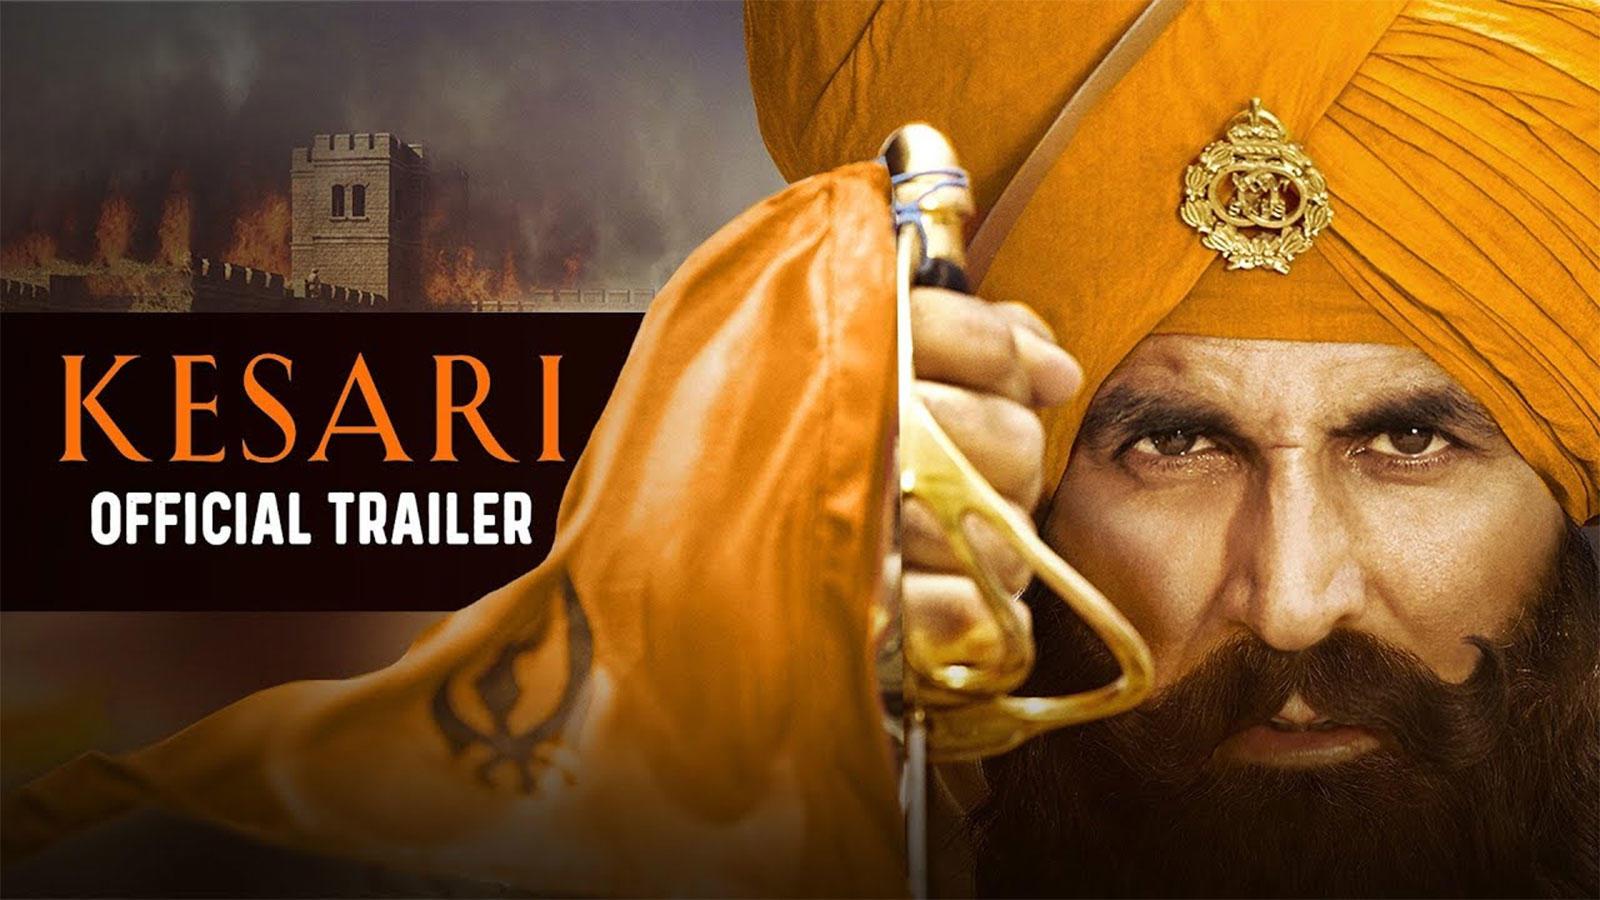 kesari-official-trailer